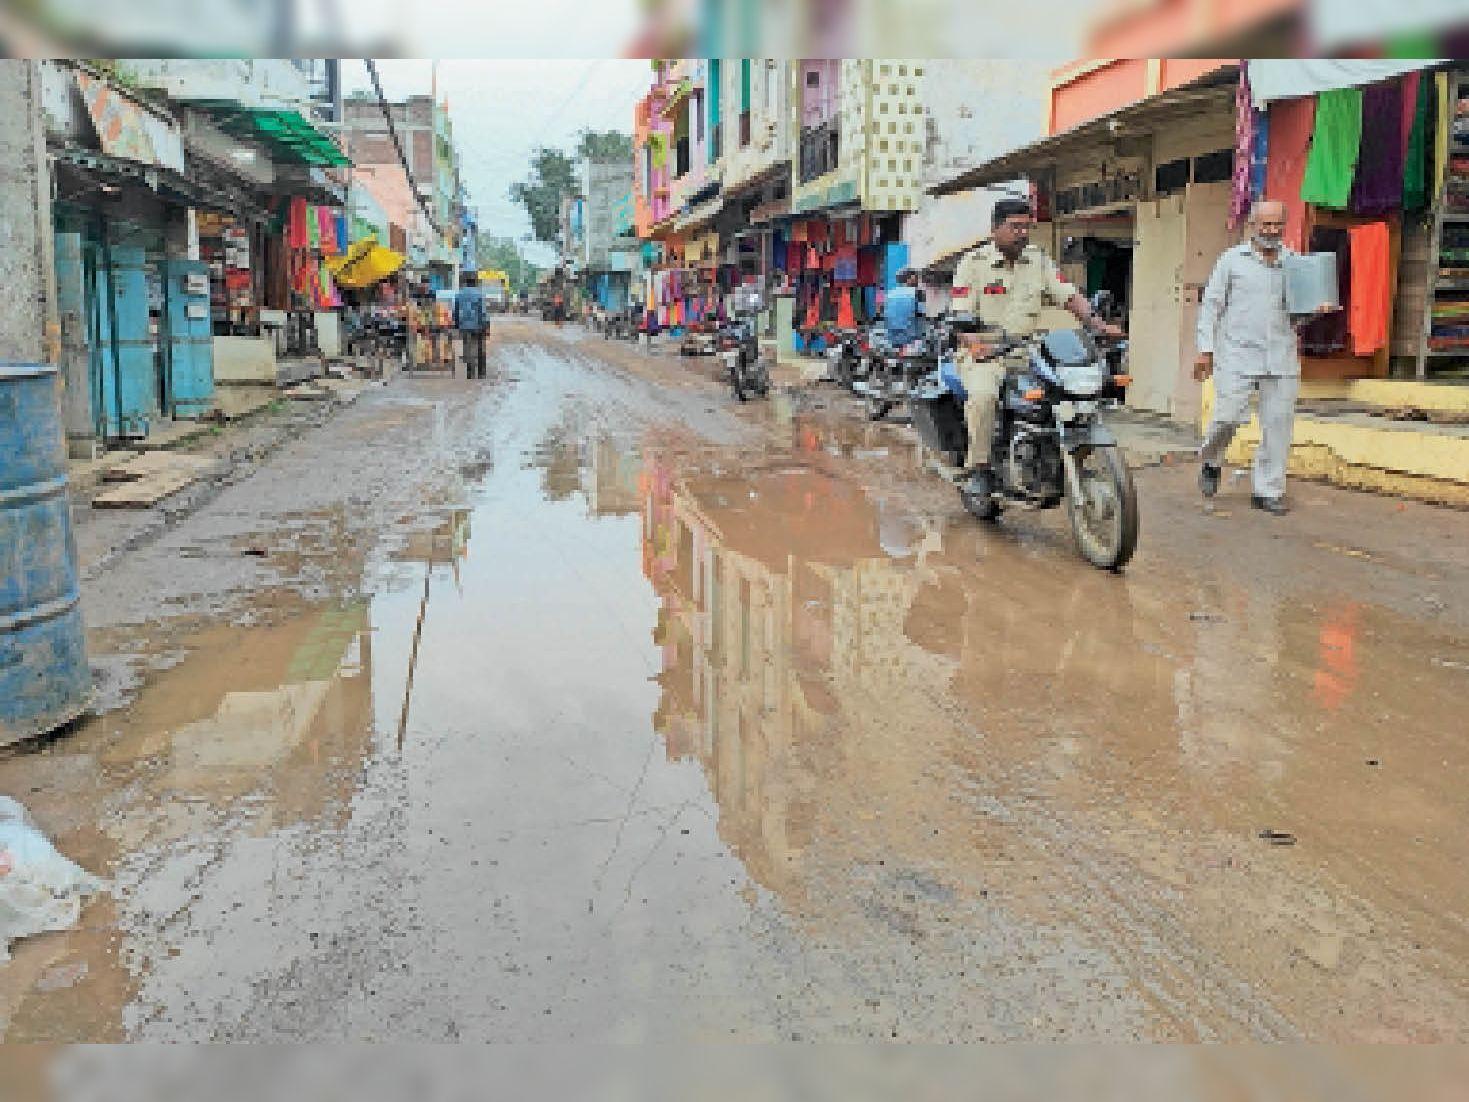 नए सीसी रोड पर बारिश का पानी जमा हो रहा है। - Dainik Bhaskar